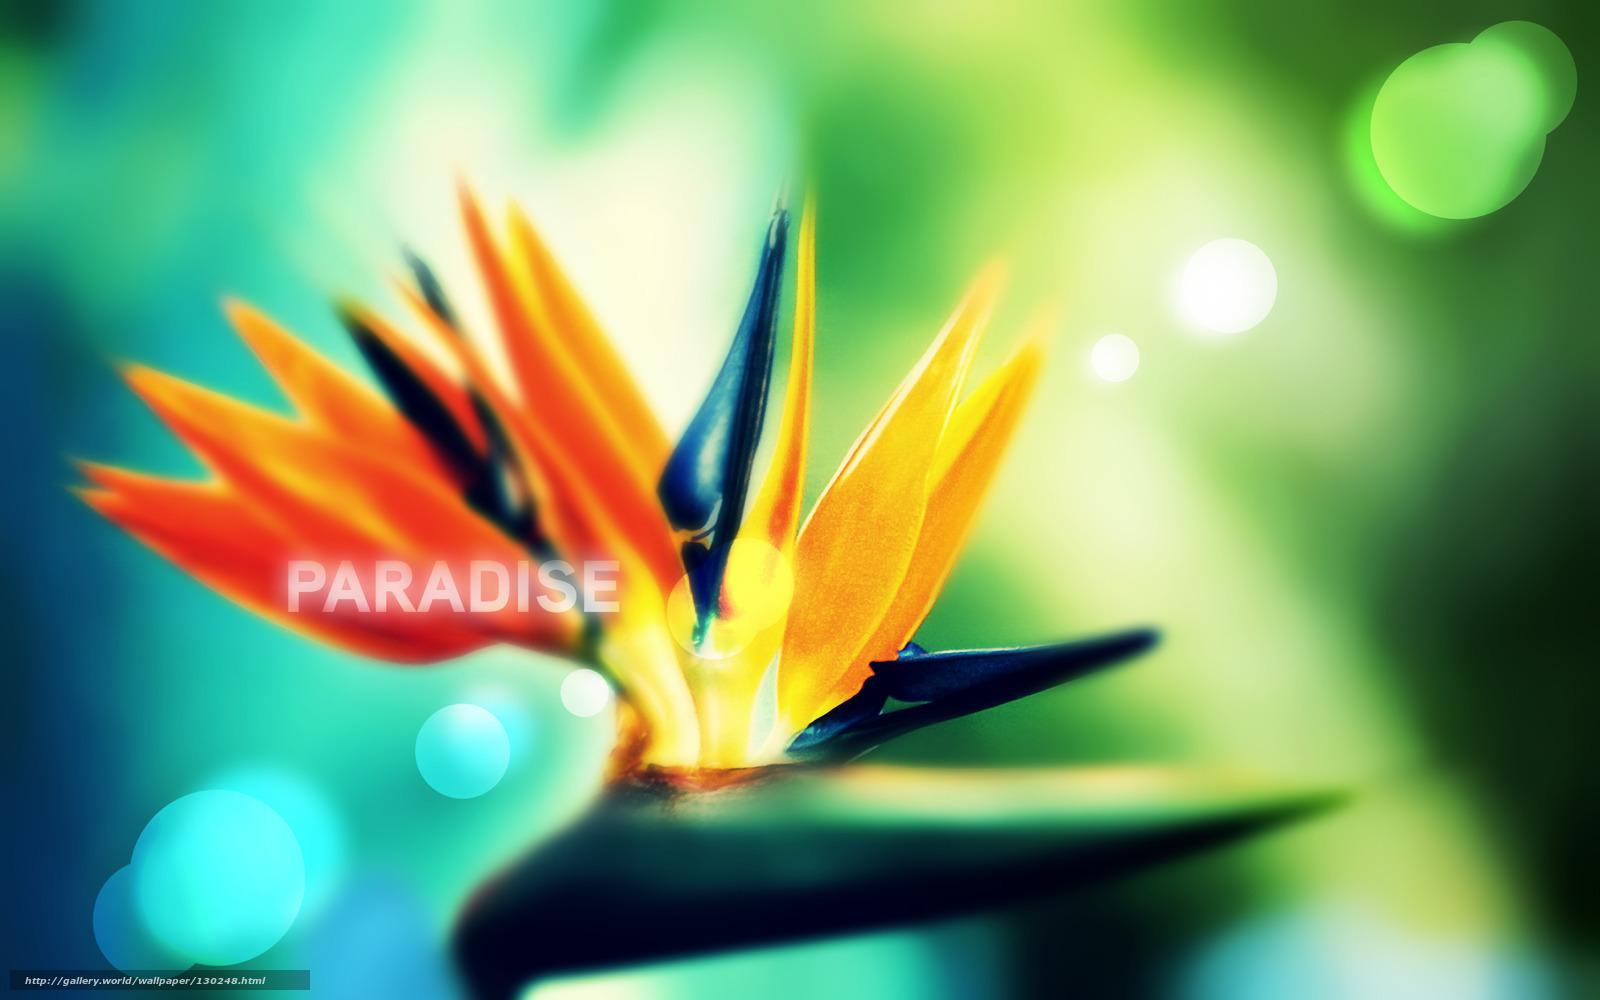 scaricare gli sfondi una versione senza logo,  Paradiso,  Emae Sfondi gratis per la risoluzione del desktop 2560x1600 — immagine №130248